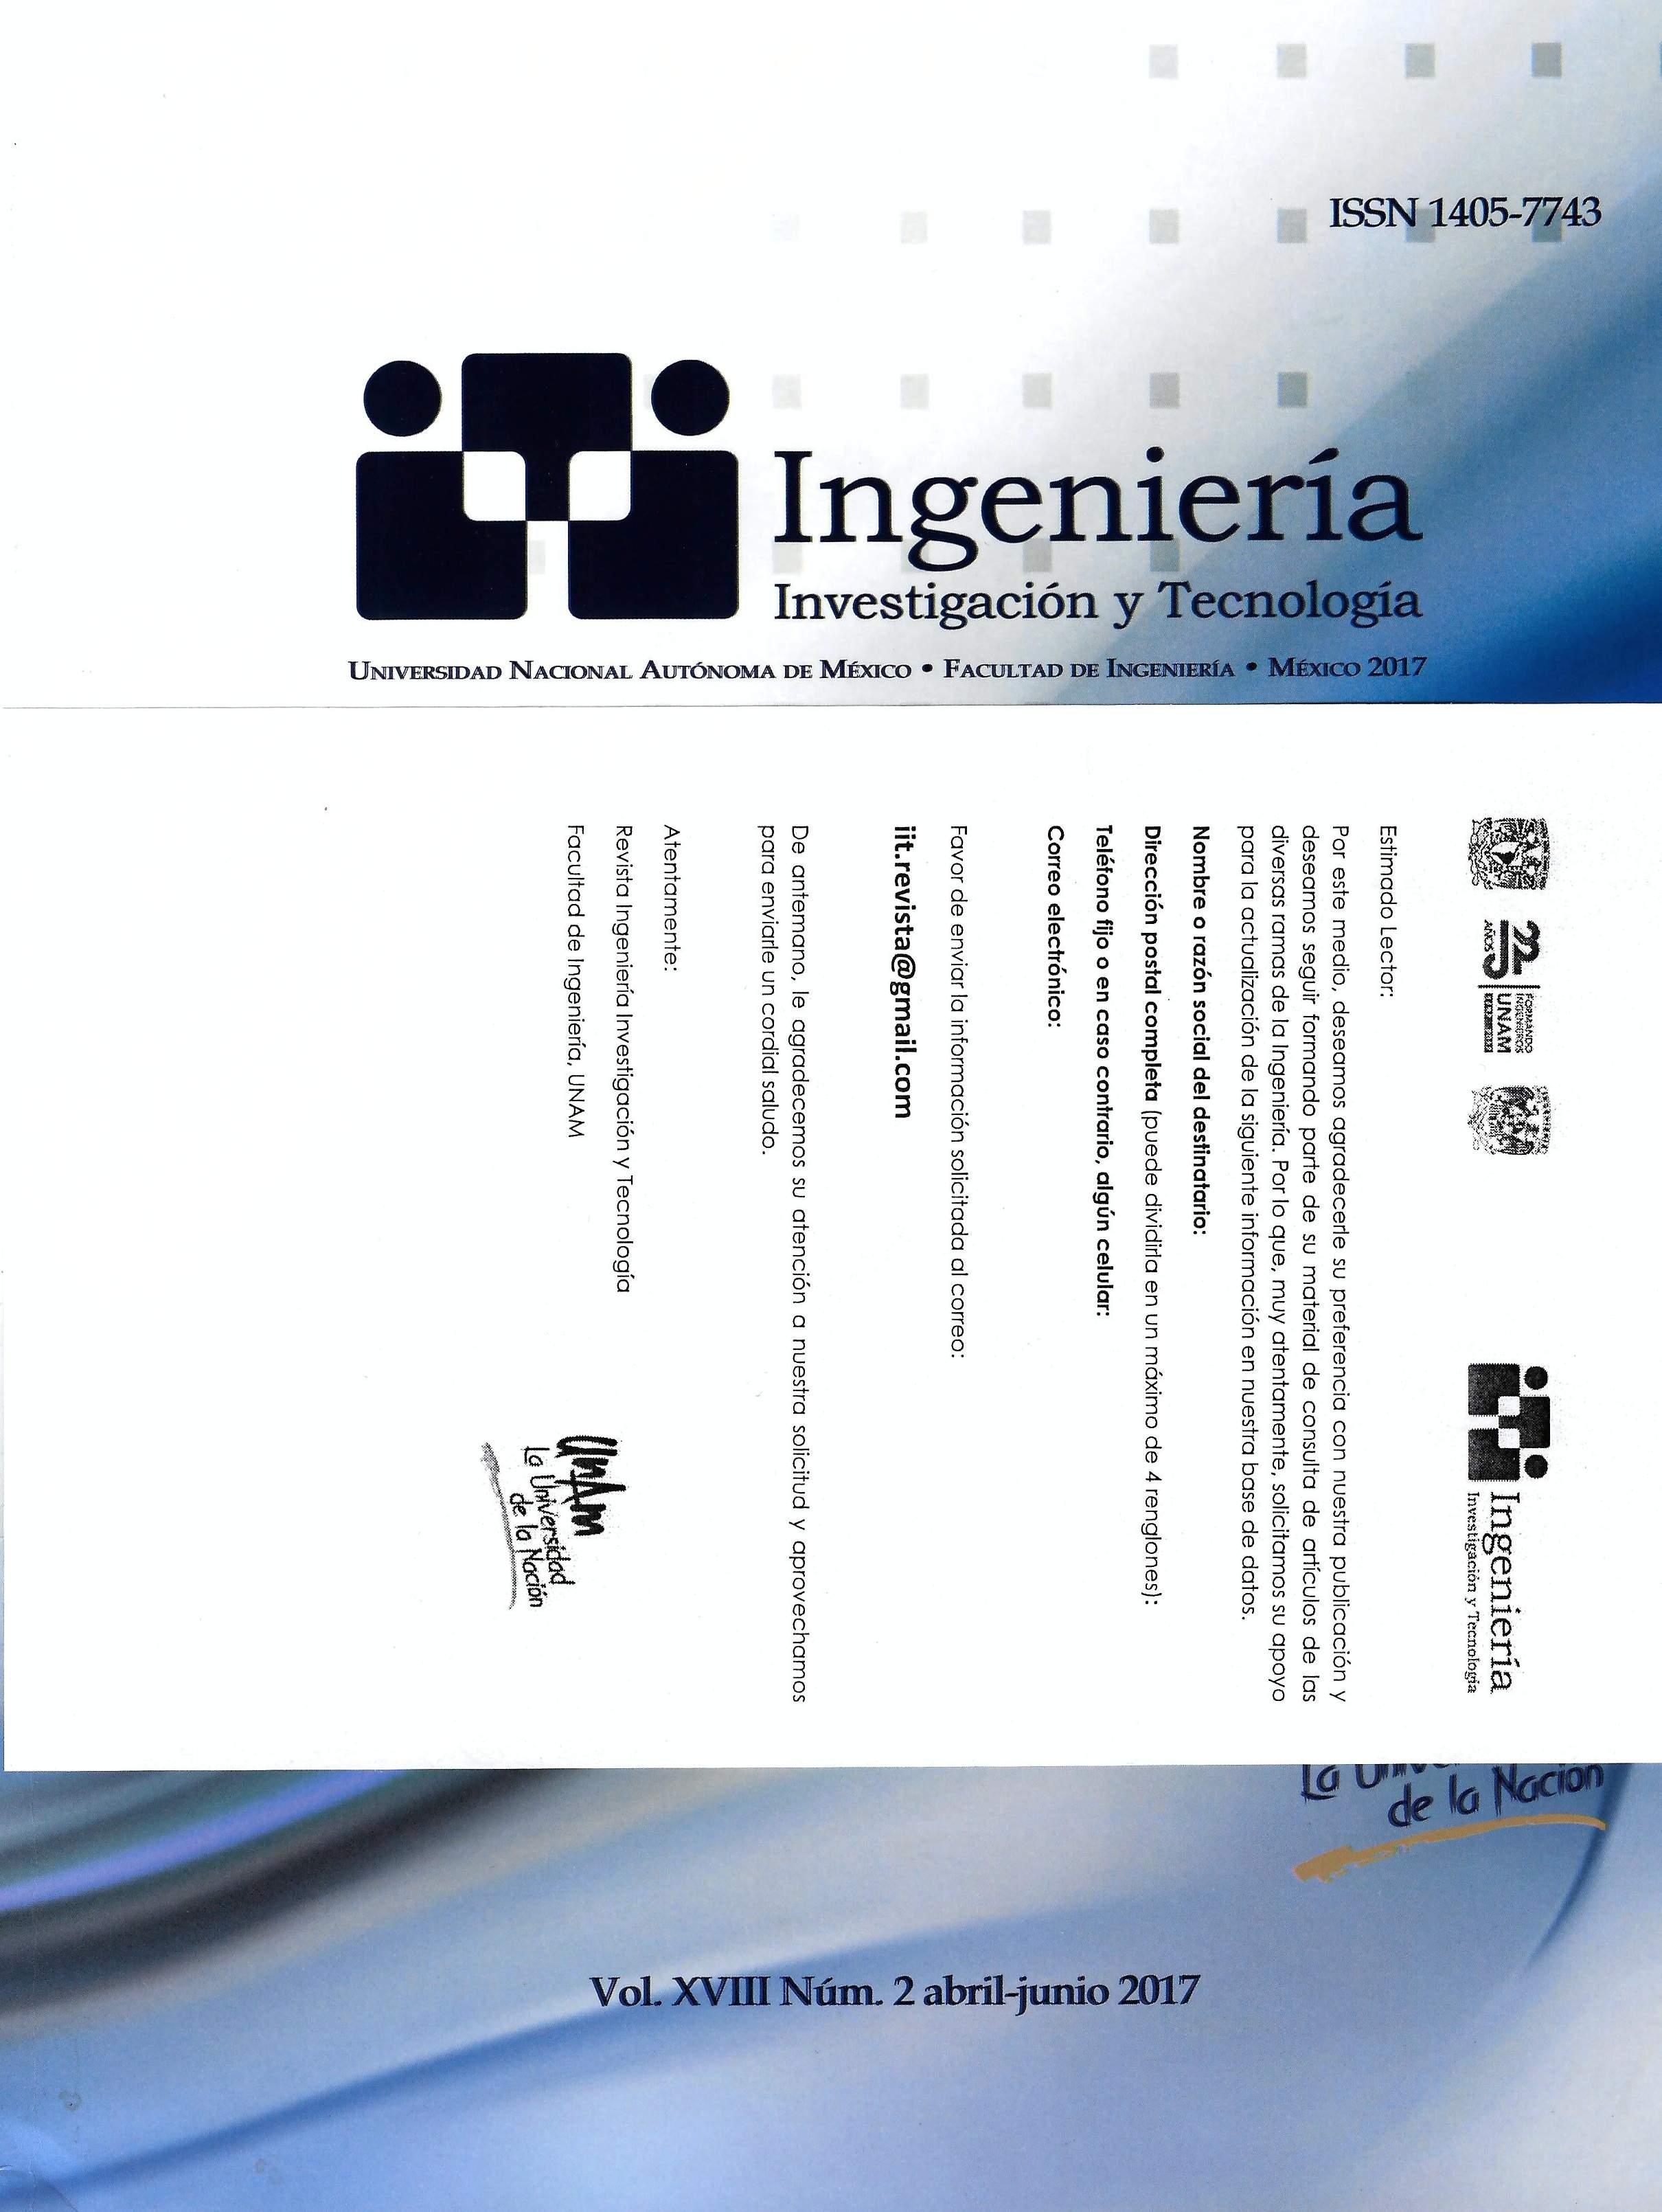 Revista ingeniería, investigación y tecnología, vol. XVIII, núm. 2, abr-jun, 2017